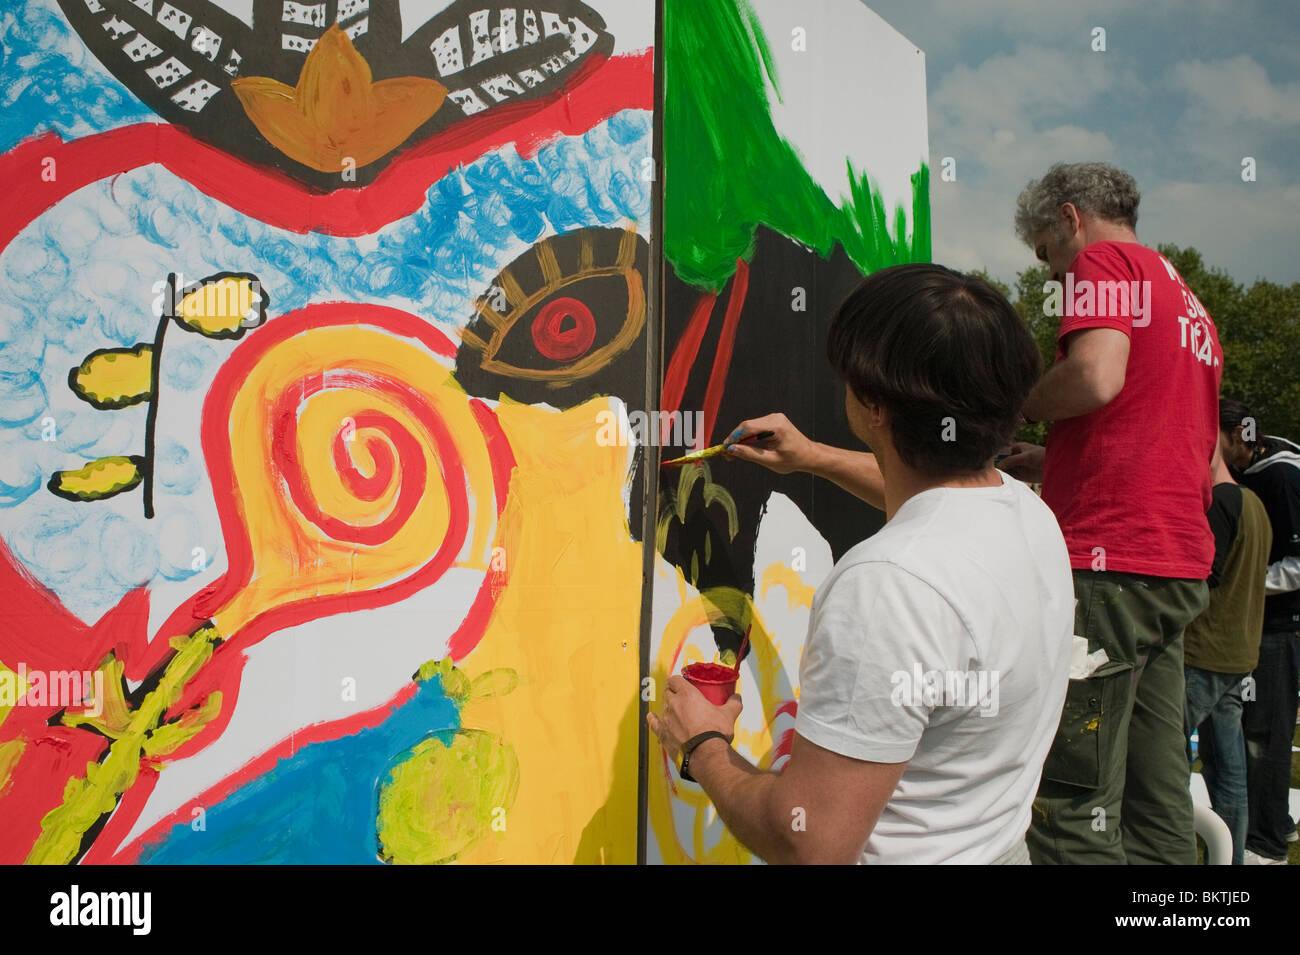 Journée mondiale de la journée 'commerce équitable', avec l'homme, Mur peinture murale, Photo Stock